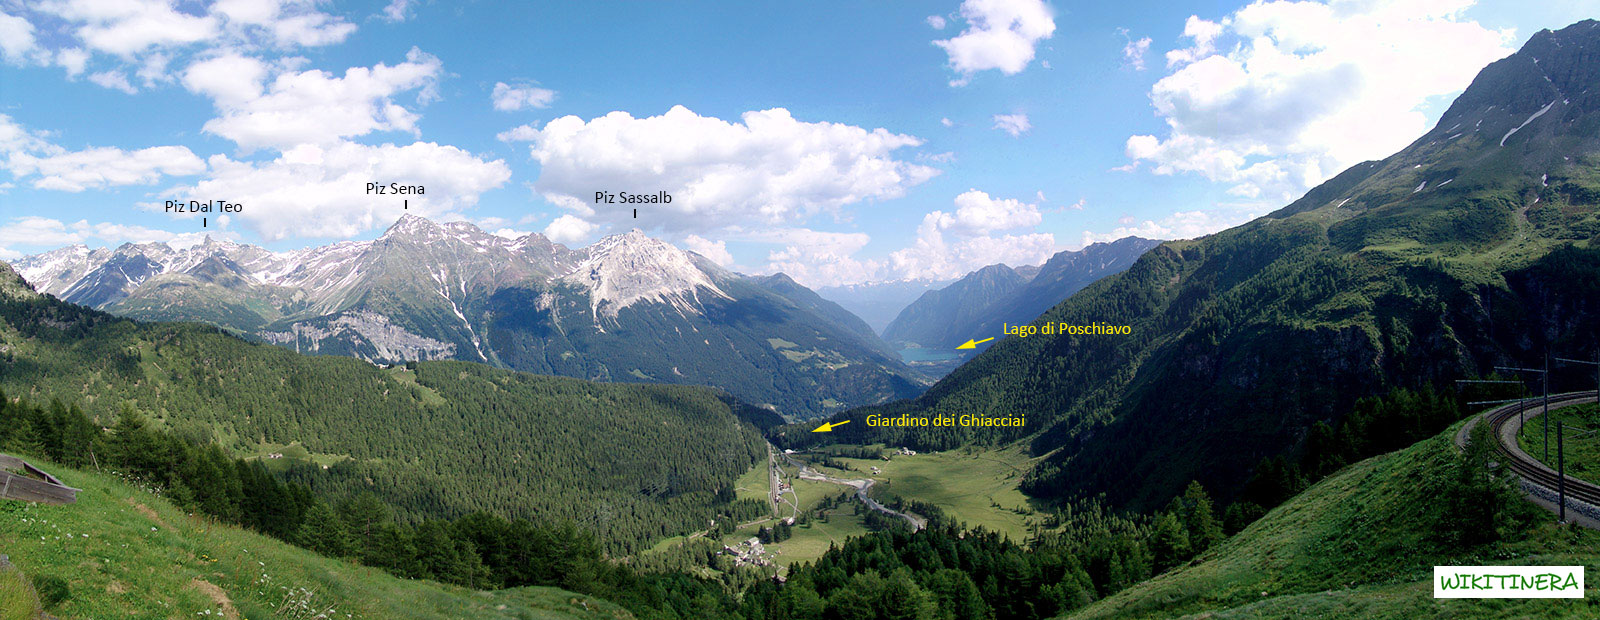 Paesaggio da Alp Grum